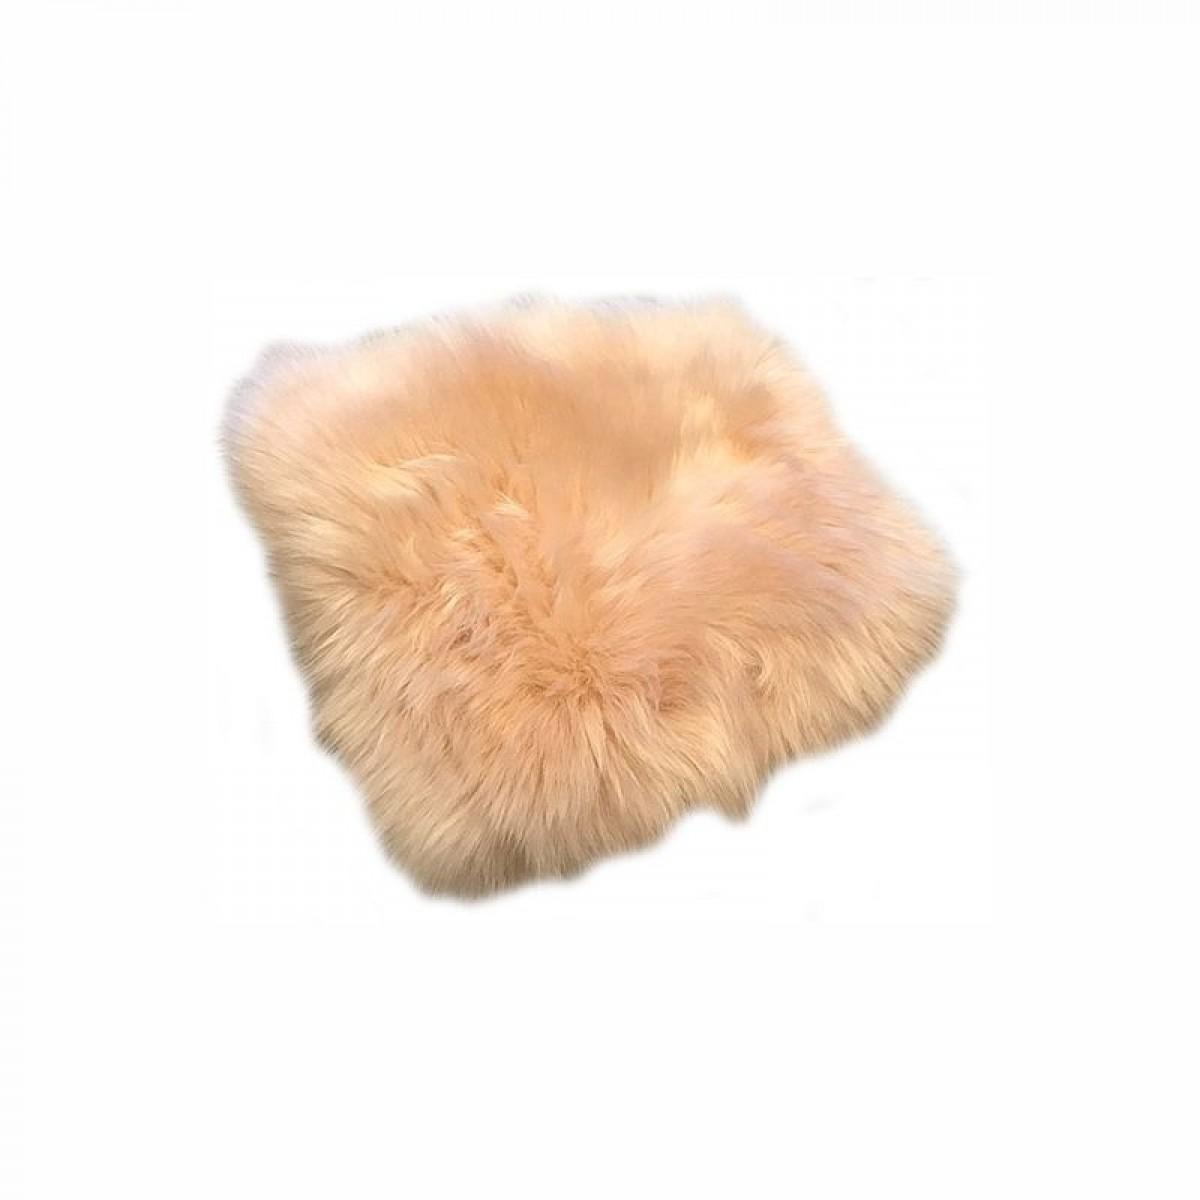 DACORE Sædehynde lammeskind rund rosa 37 cm.